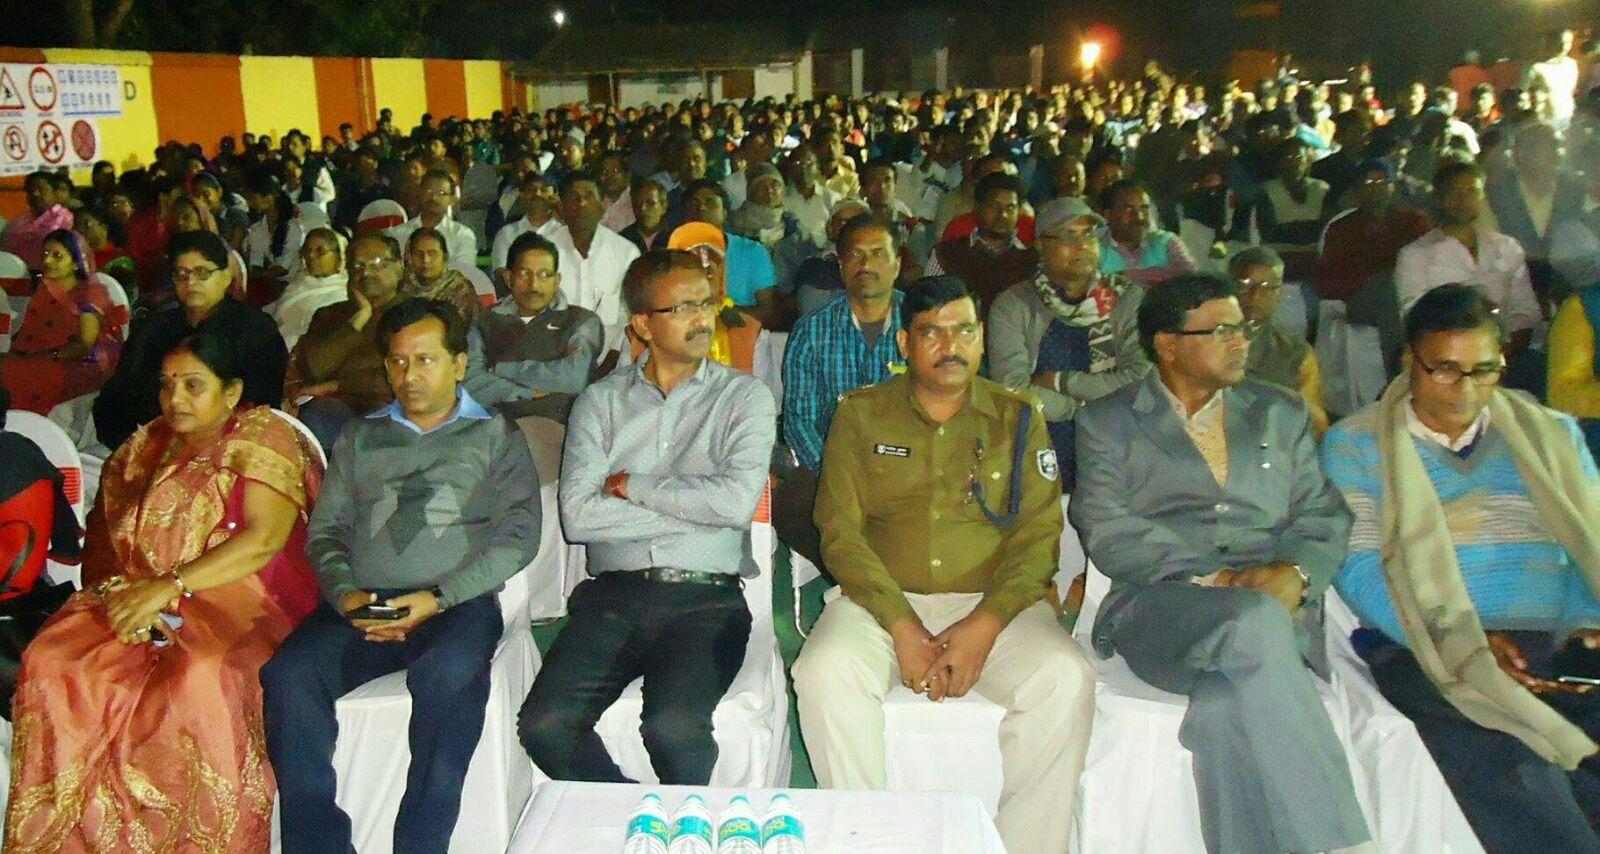 VIP Guests Sitting from L to R- Zila Parishad Adhyaksha Manju Devi, DPO Md.Q.Ansari, DM Md.Sohail, ASP Rakesh Kumar, Registrar Dr.B.N.Viveka and Samajsevi Dr.Madhepuri .